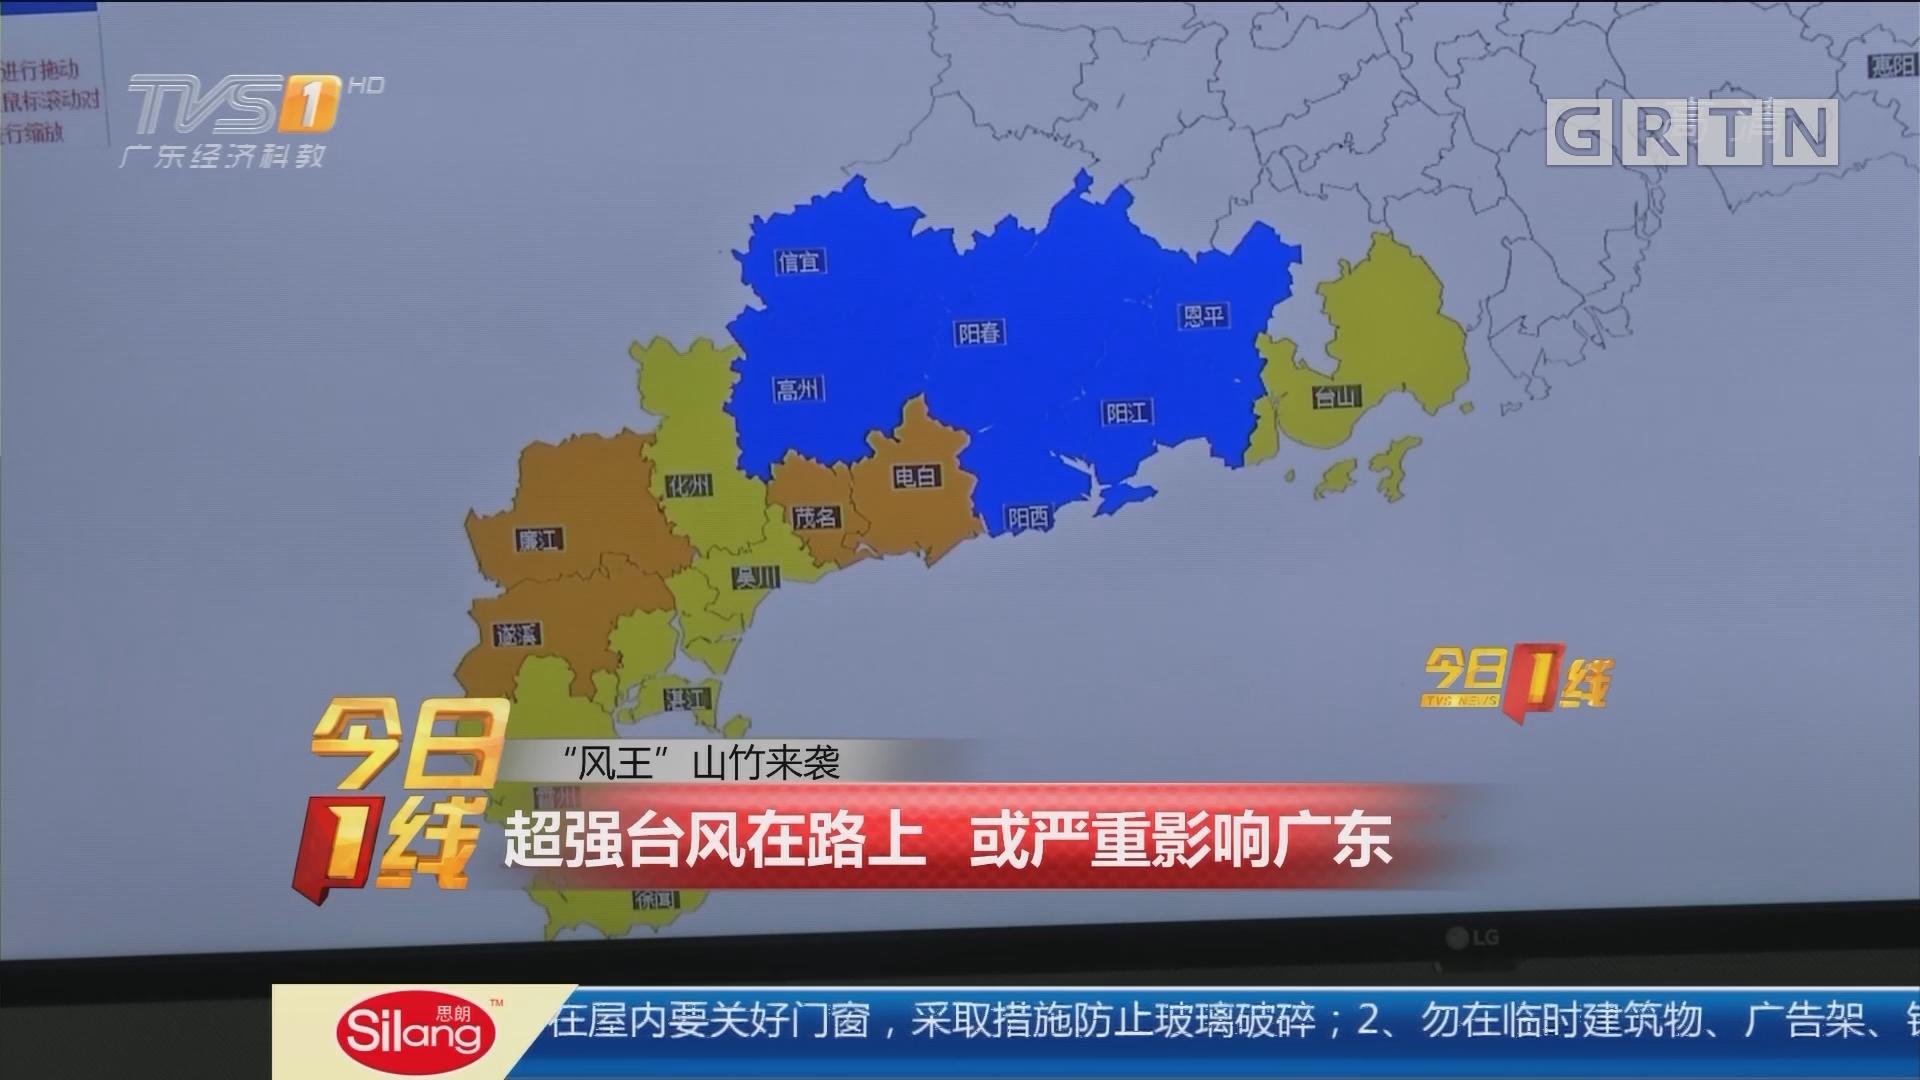 """""""风王""""山竹来袭:超强台风在路上 或严重影响广东"""